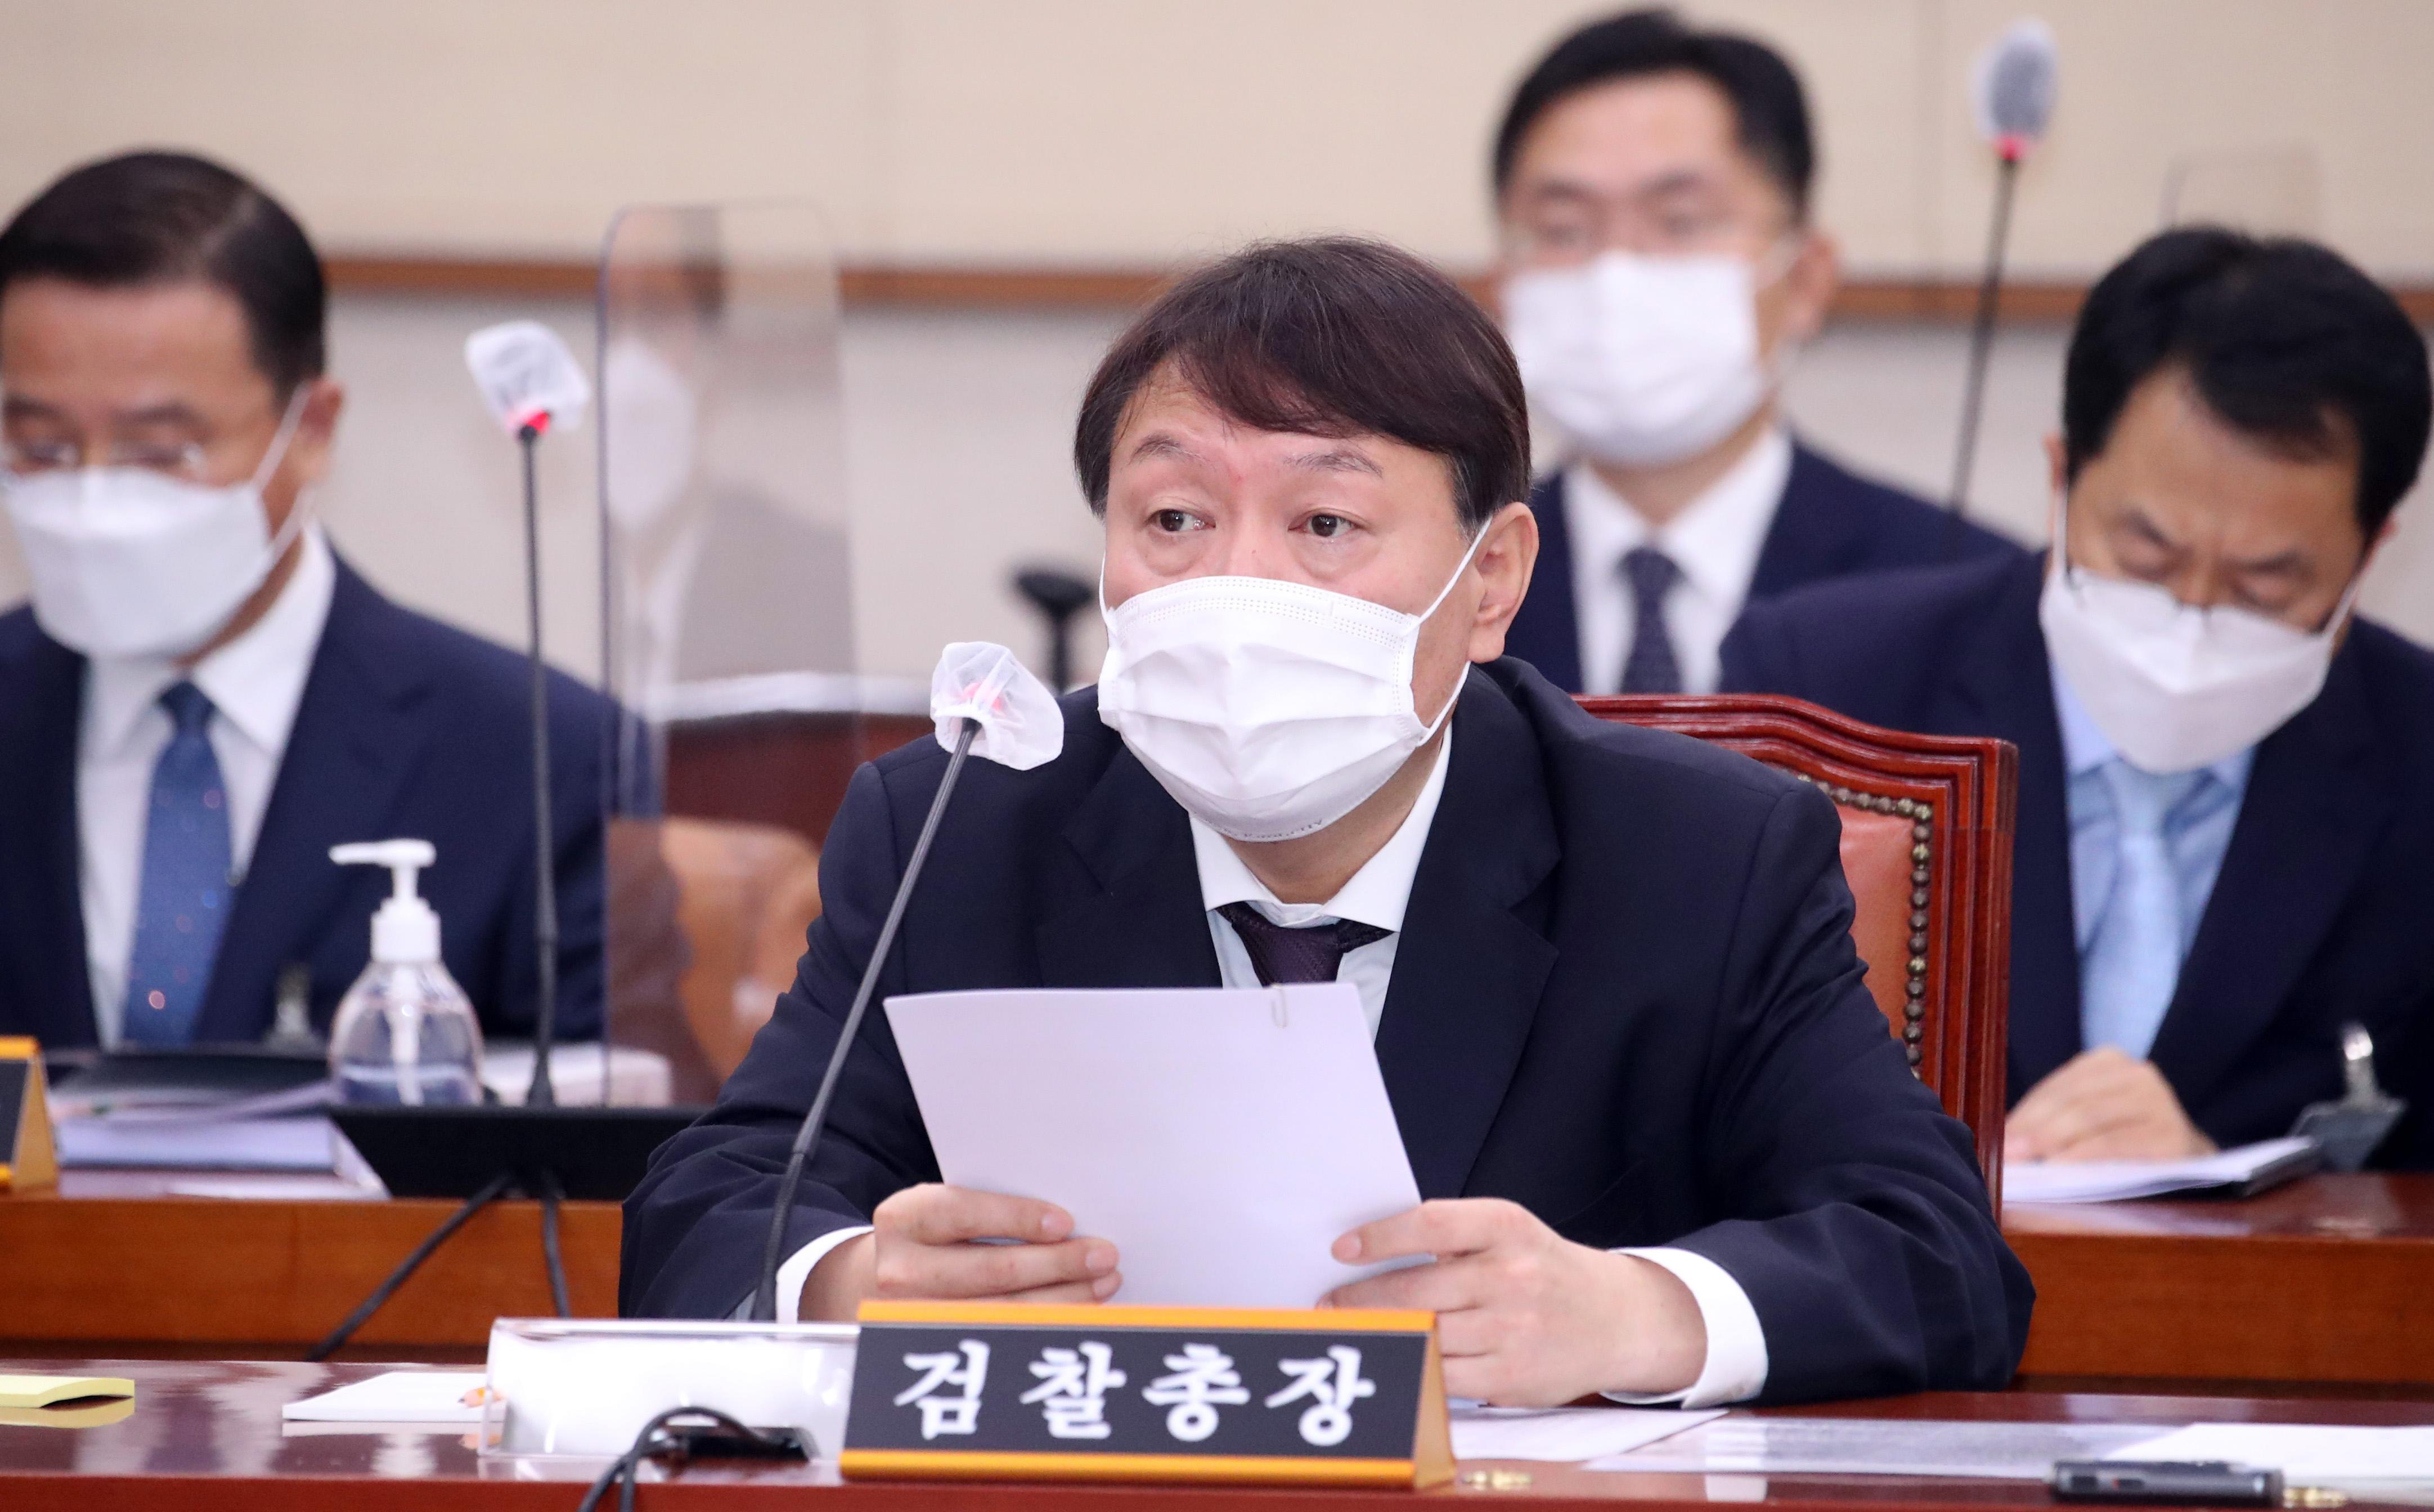 """윤석열 """"중상모략은 가장 점잖은 표현""""…라임의혹 전면 부인"""